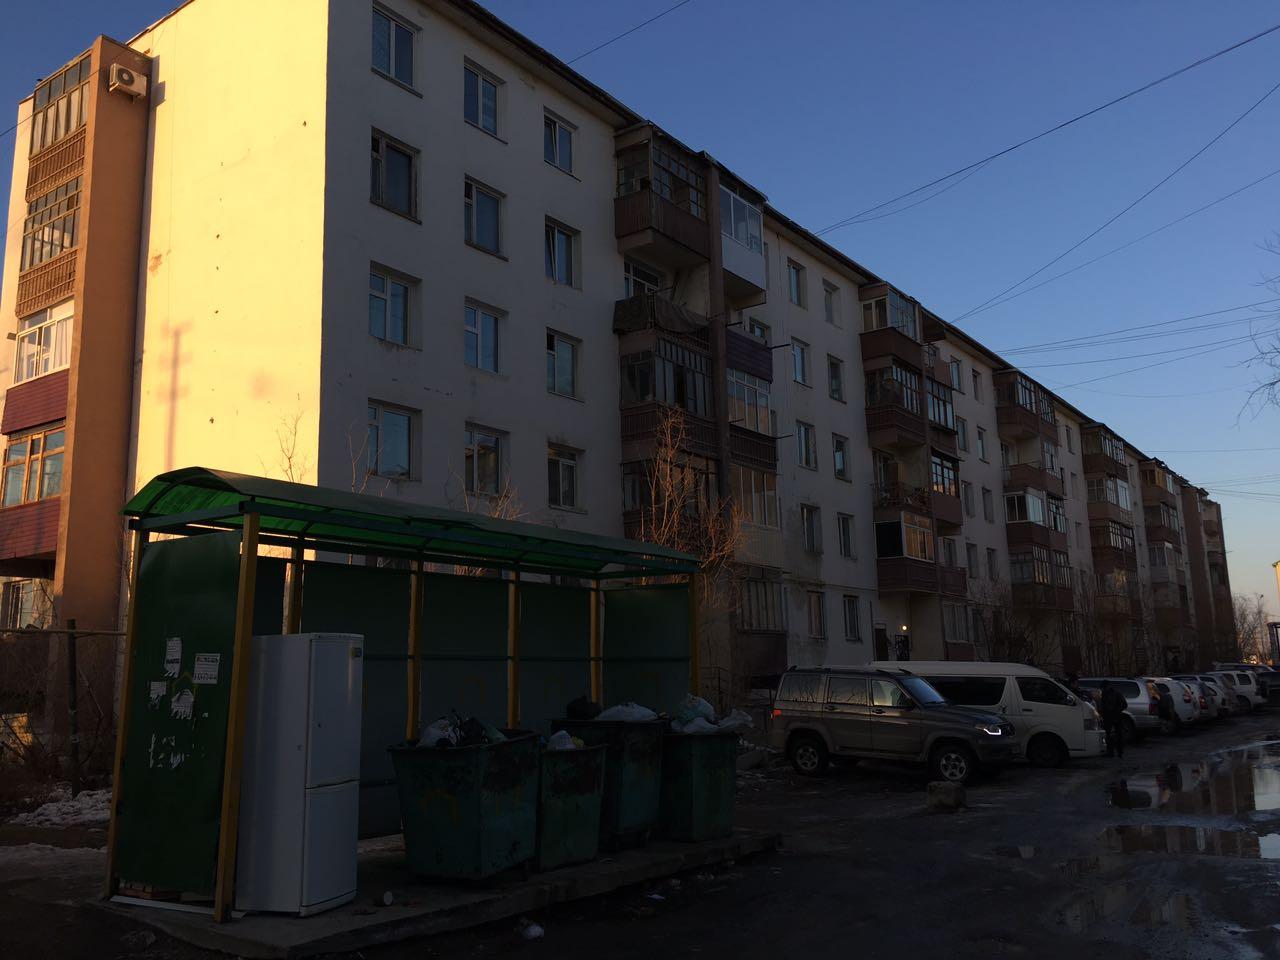 kalvitsa Мигранты в Якутске: «Резиновые квартиры», нелегальные таксисты и овощные монополисты